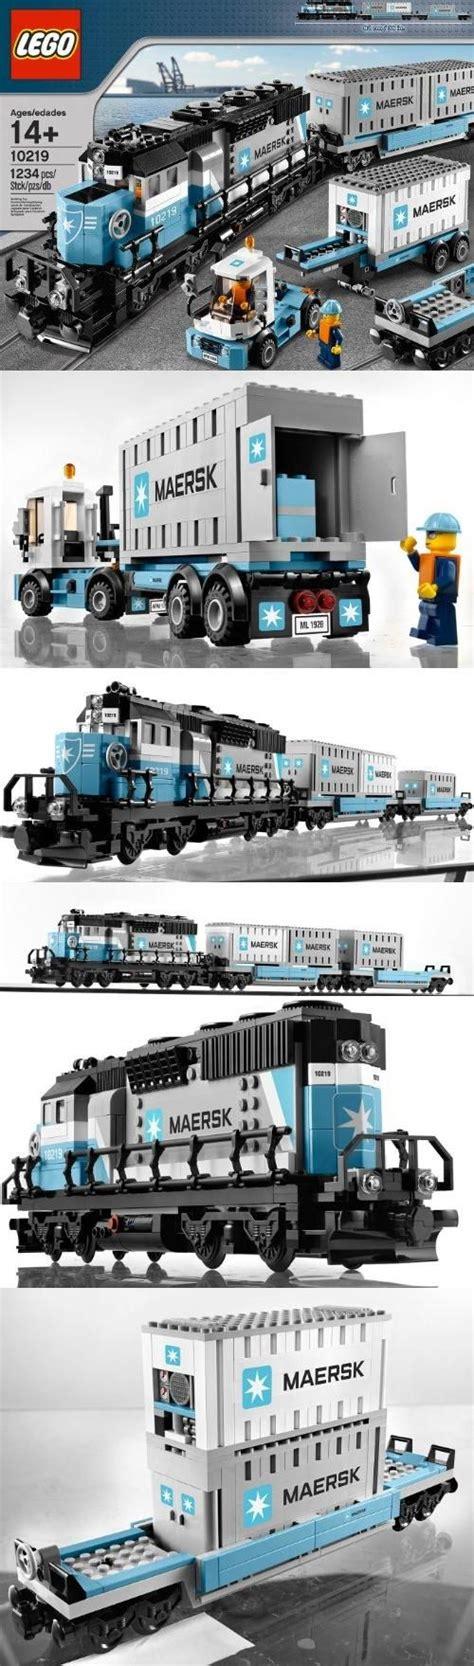 Lego Creator 10219 Maerks lego creator maersk 10219 toys building sets lego trains lego